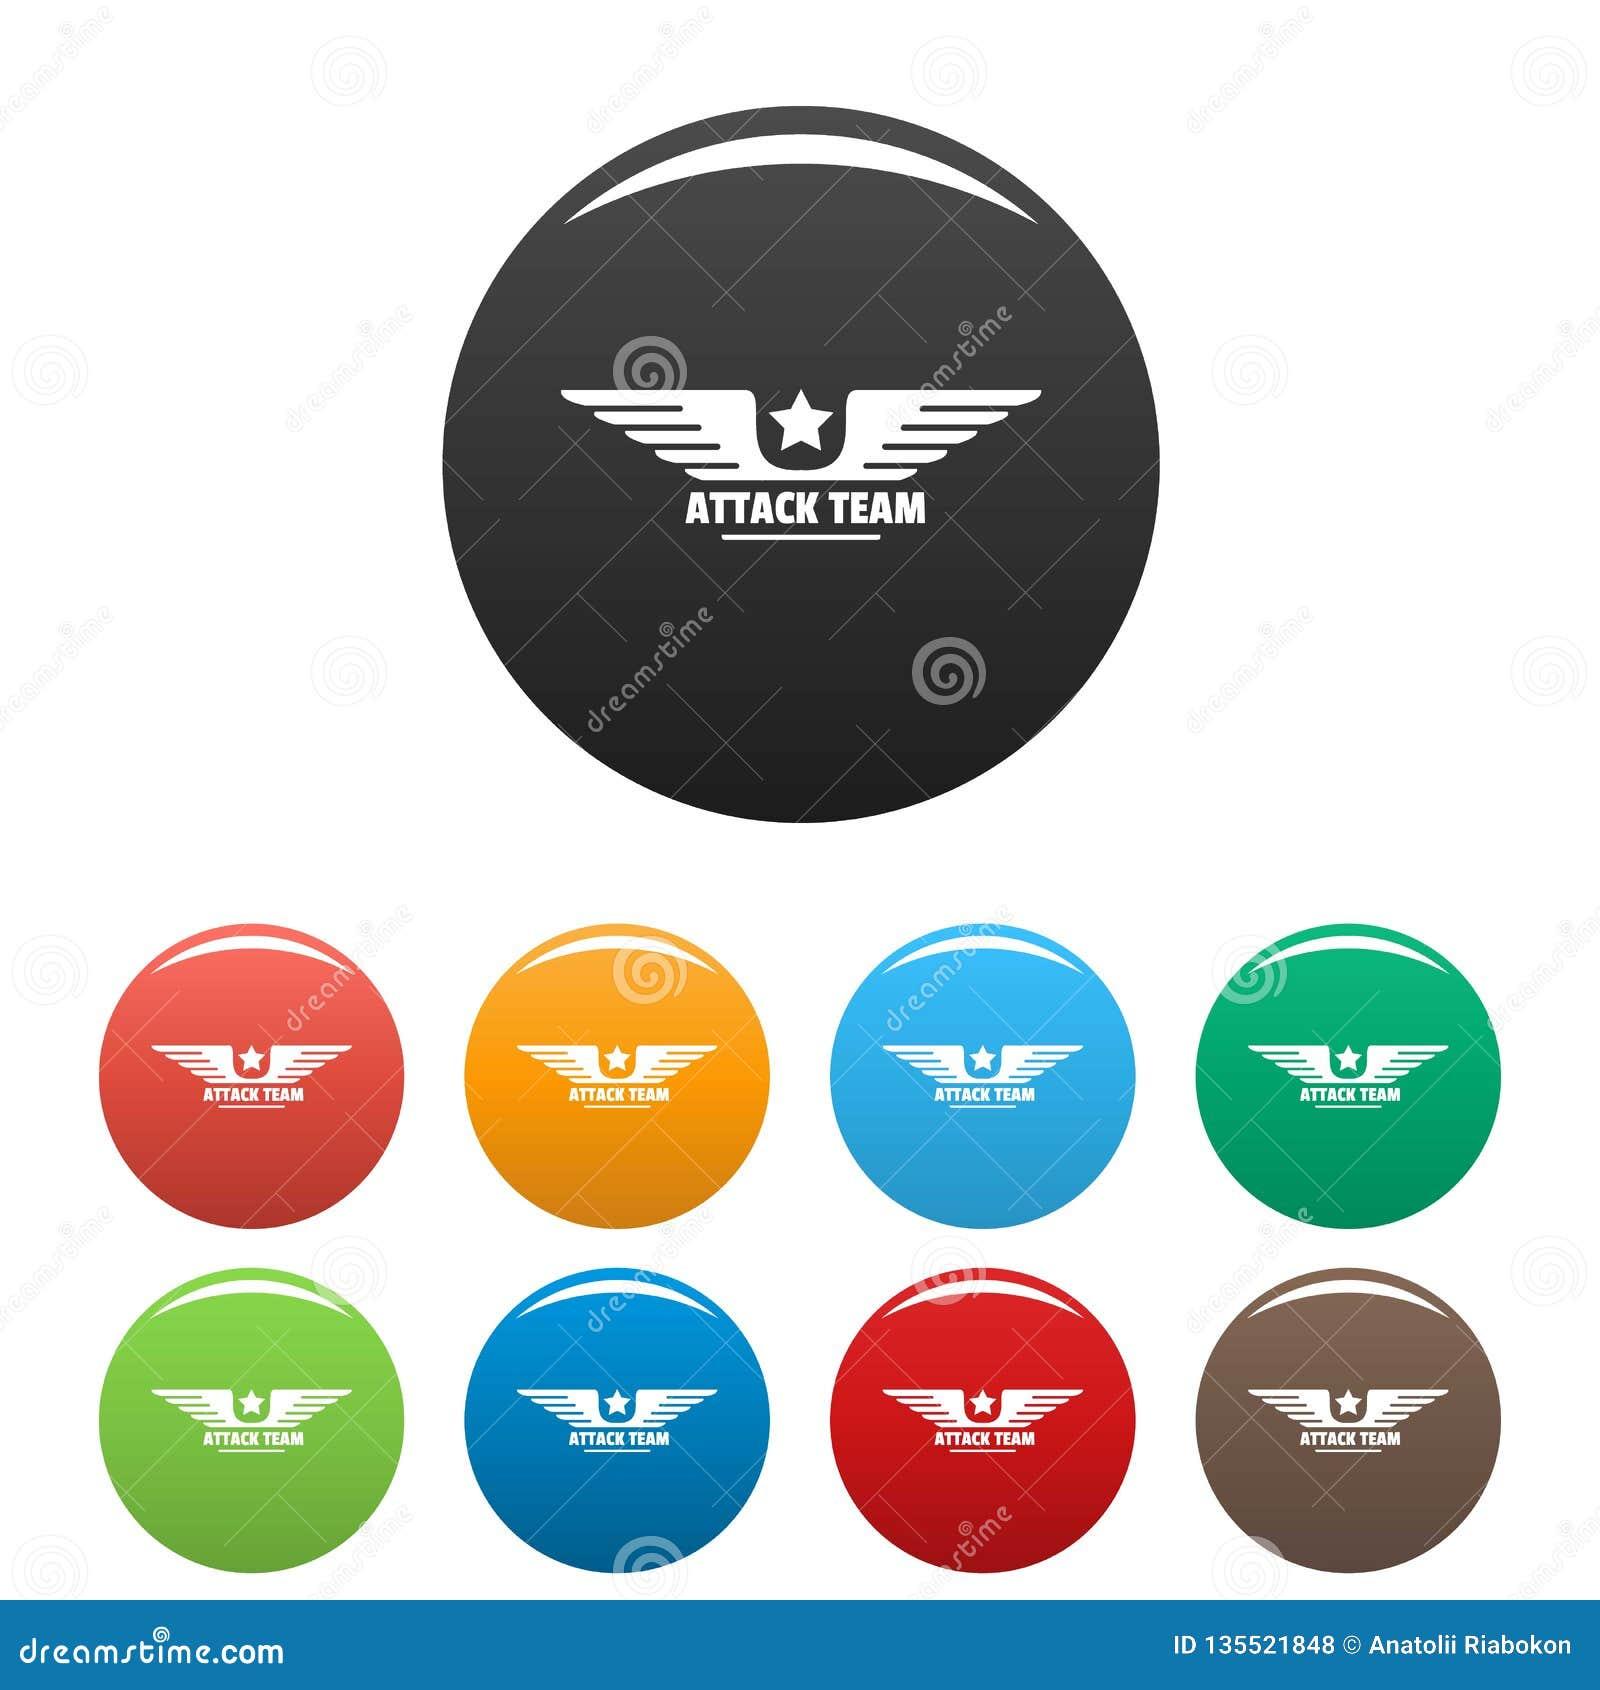 Atack avia team icons set color